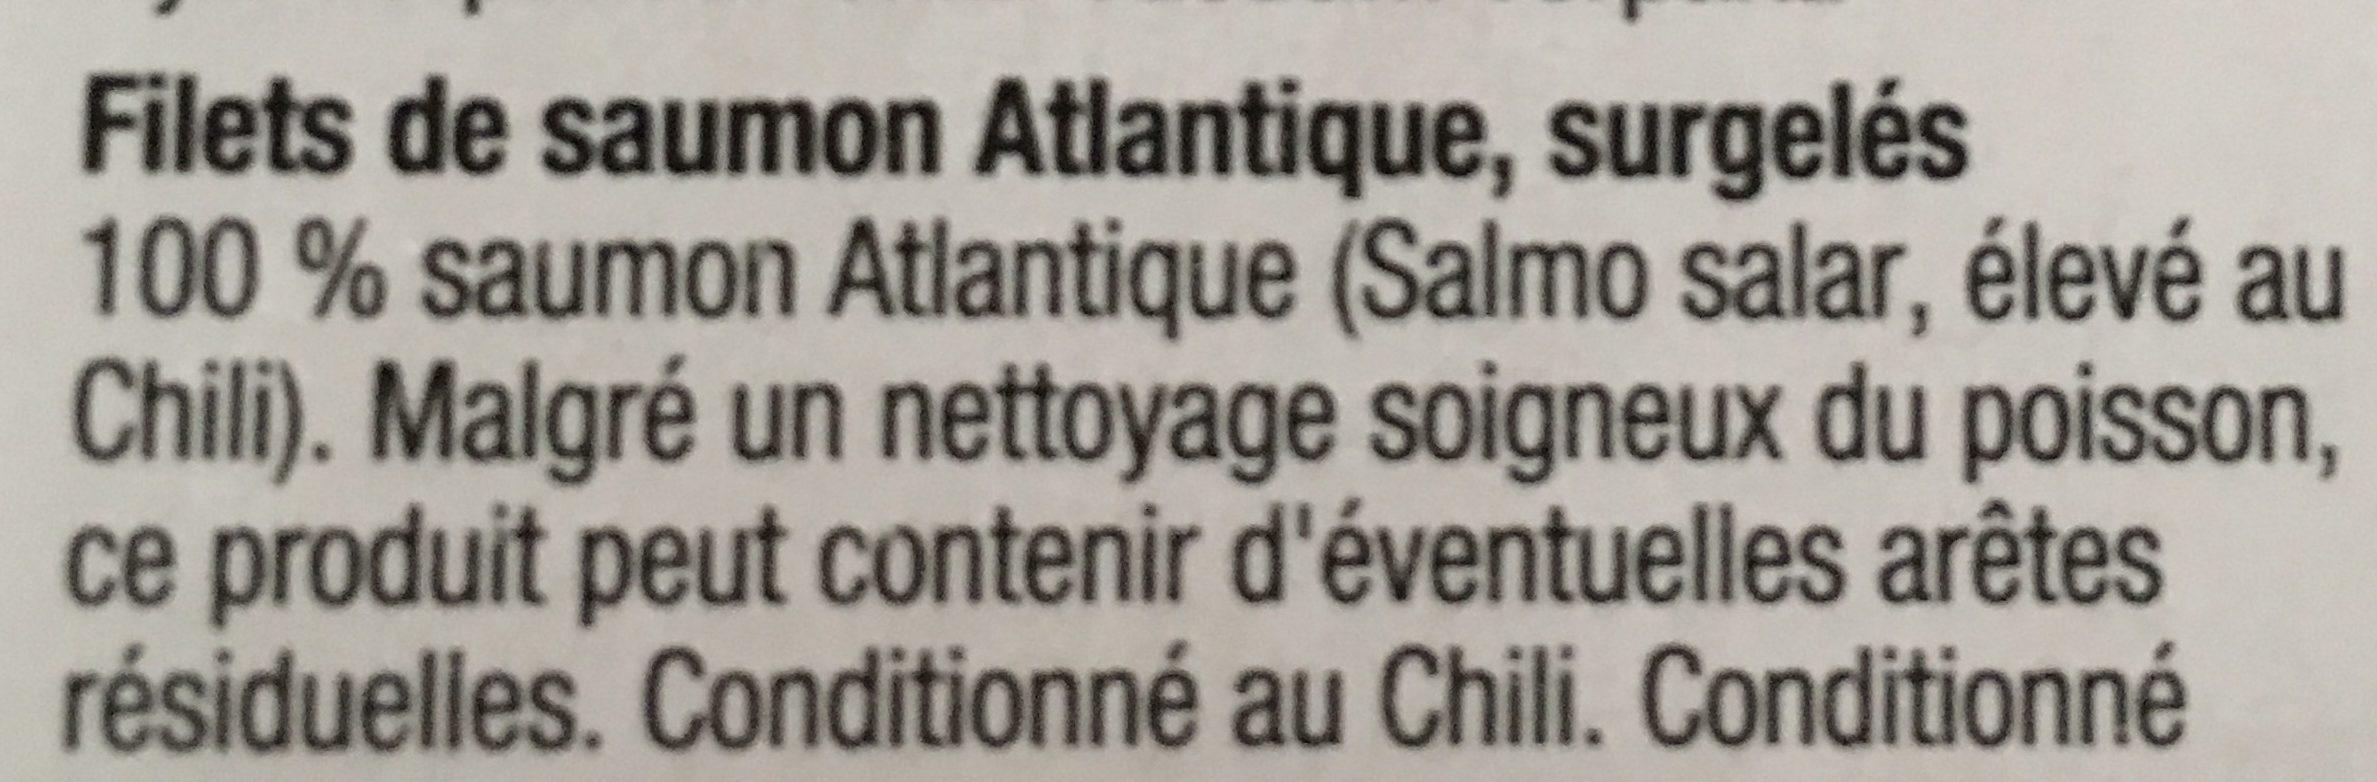 Filets de saumon - Ingrédients - fr